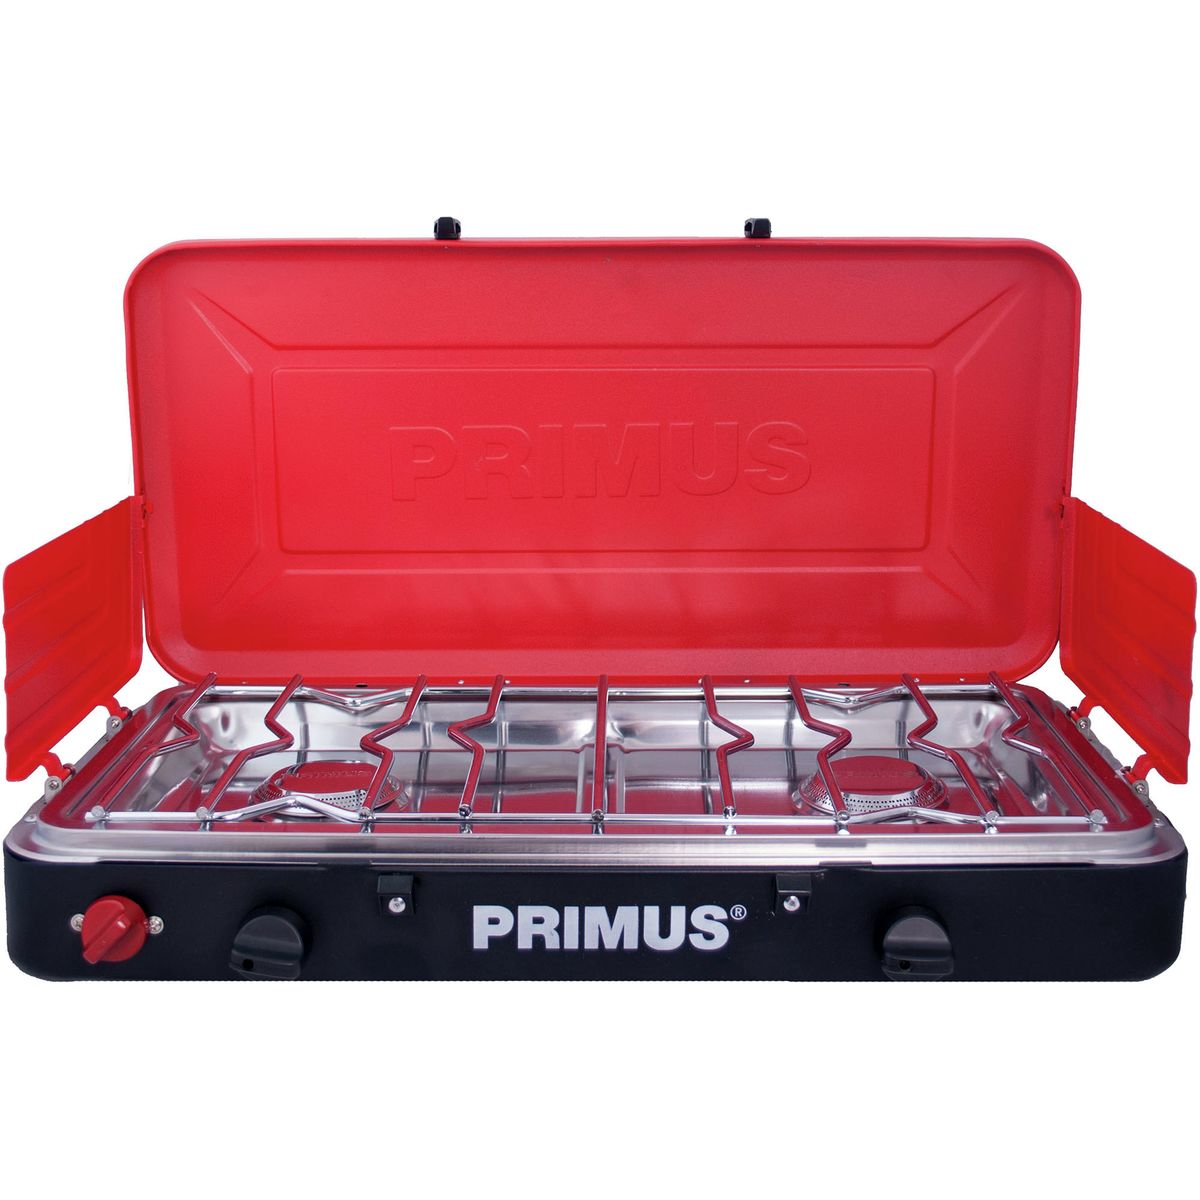 Primus Basecamp Stove